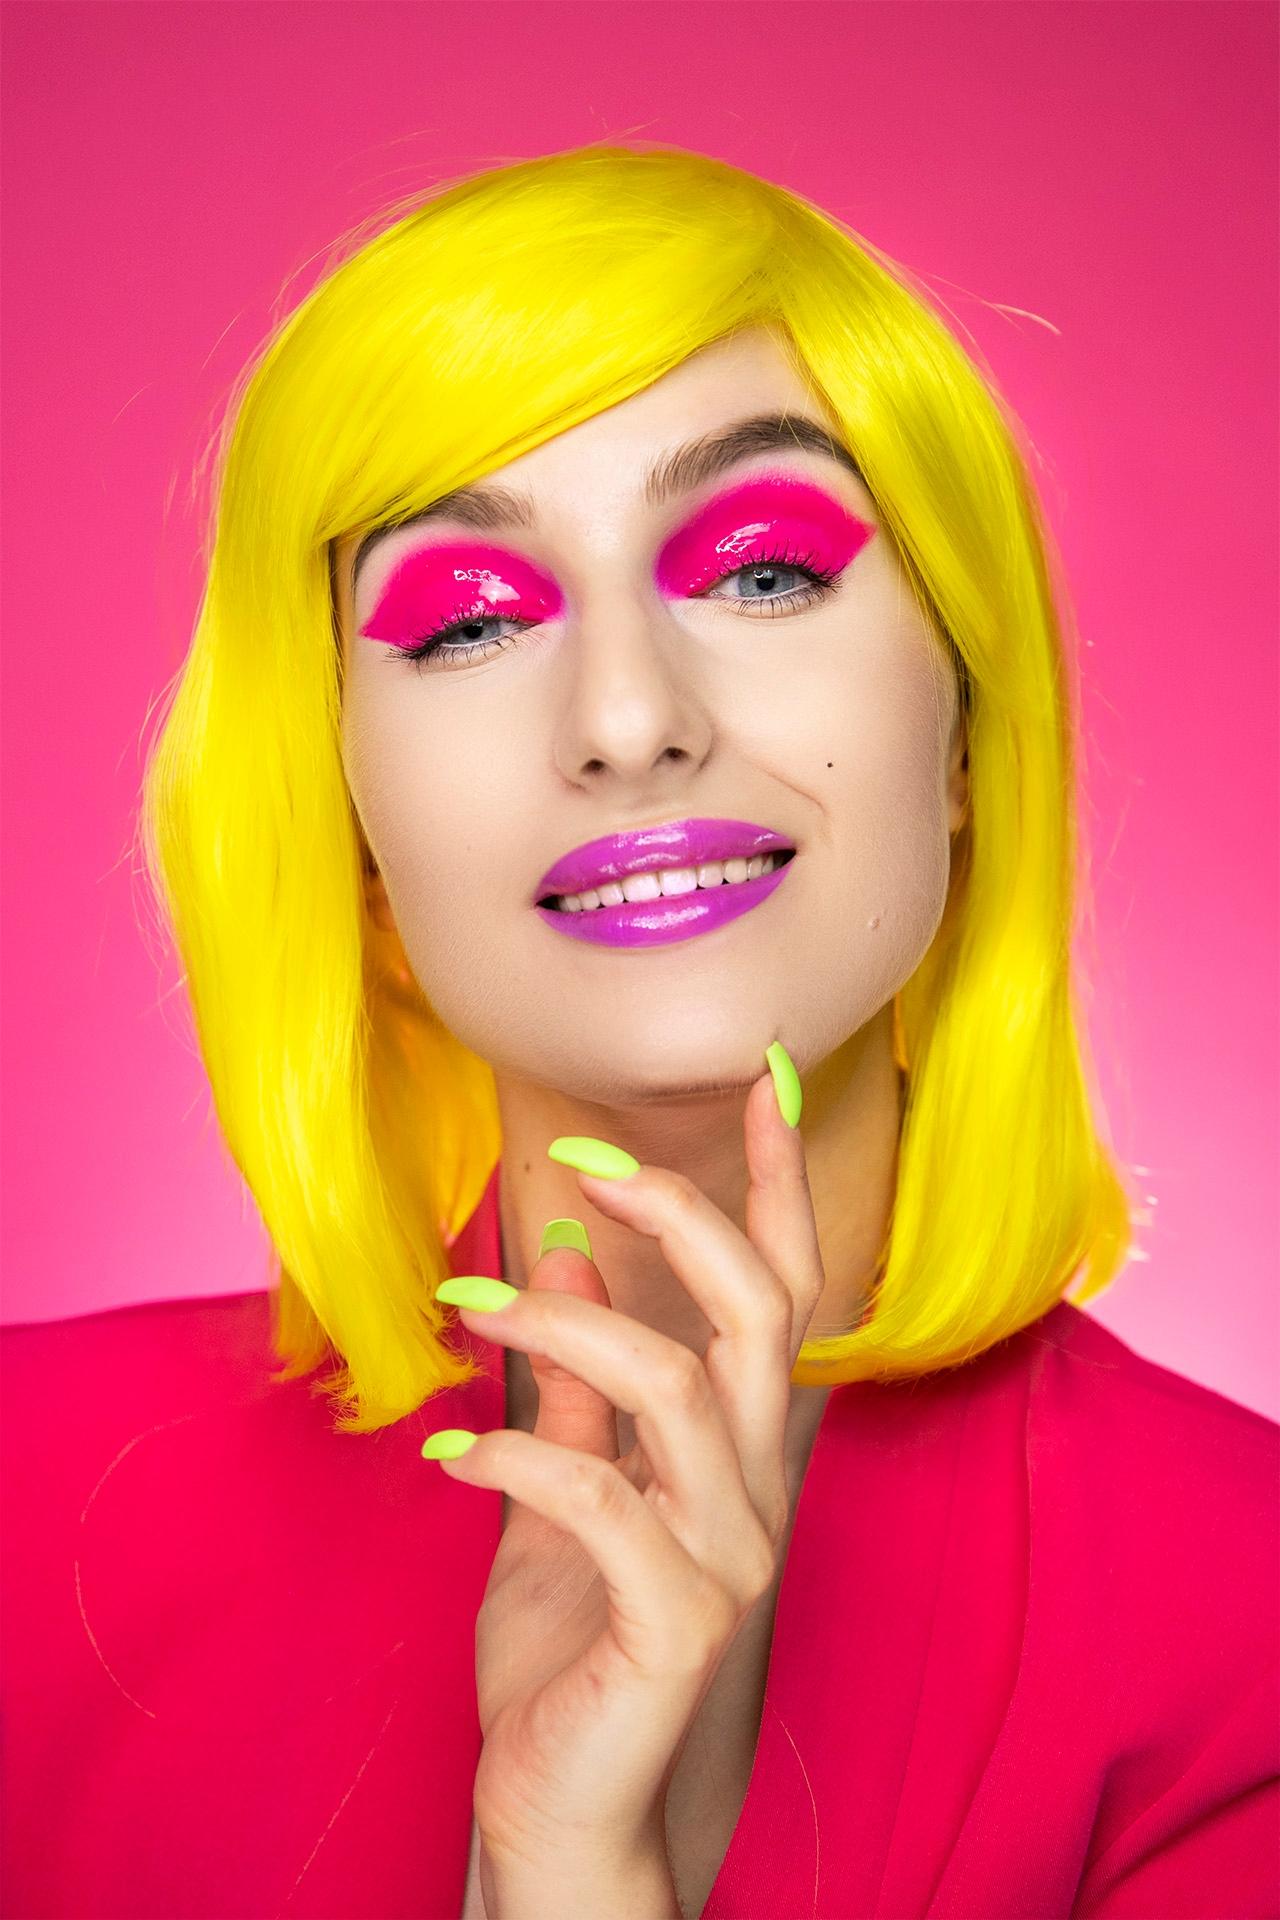 Zdjęcie przedstawia uśmiechniętą kobietę w żółtych włosach. Kobieta ma powieki pomalowane na różowo i opiera podbródek o lewą dłoń.